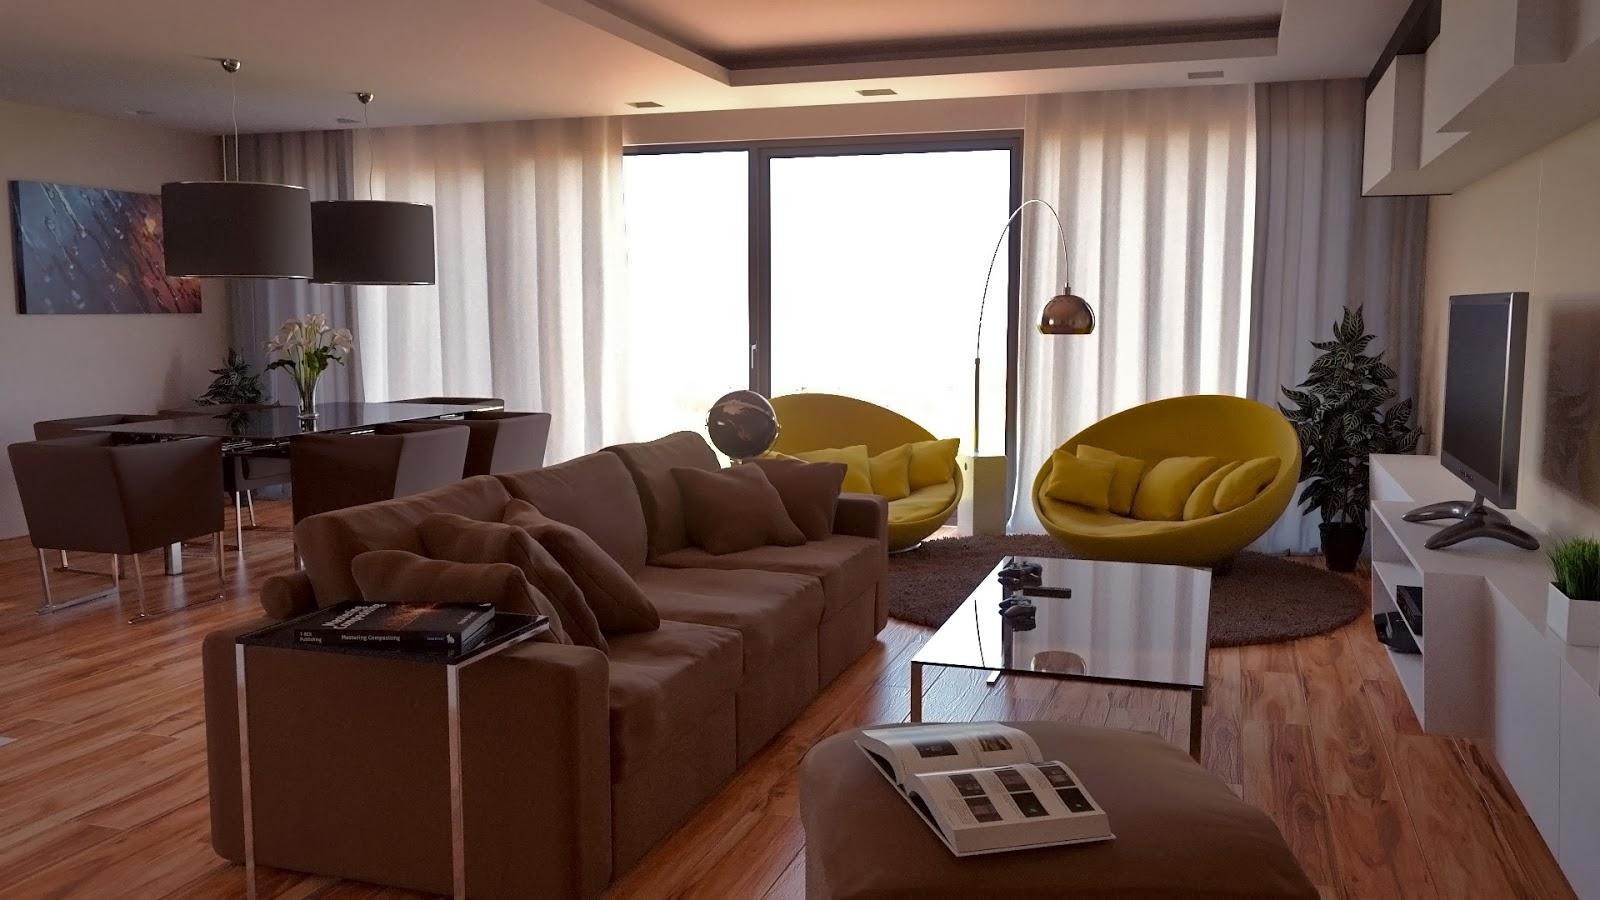 Artwork On Screen Modern House Model Blender Render